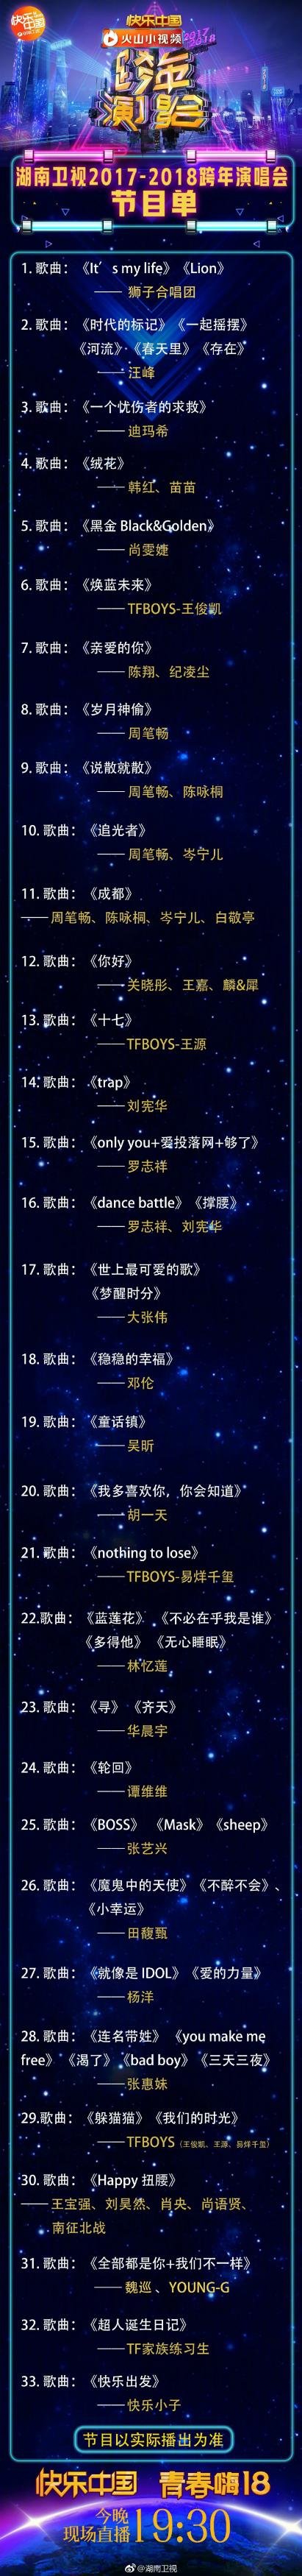 2017-2018年湖南卫视跨年演唱会节目单